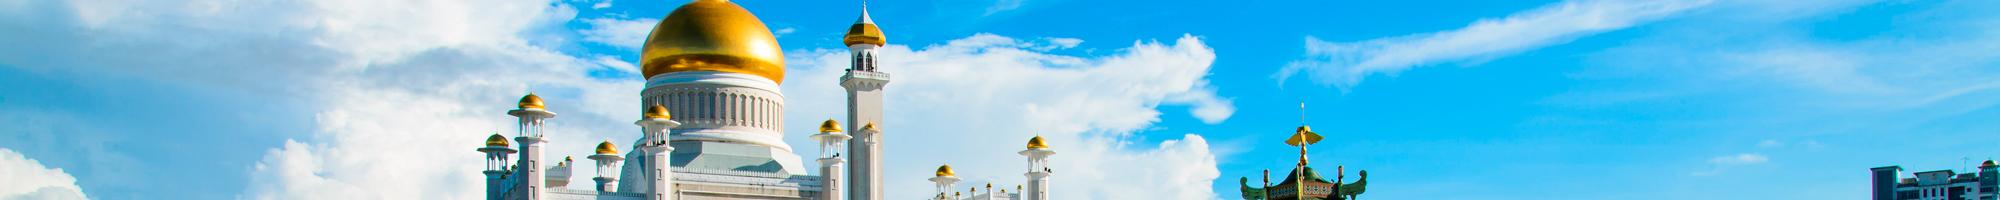 Hoteles en Brunei